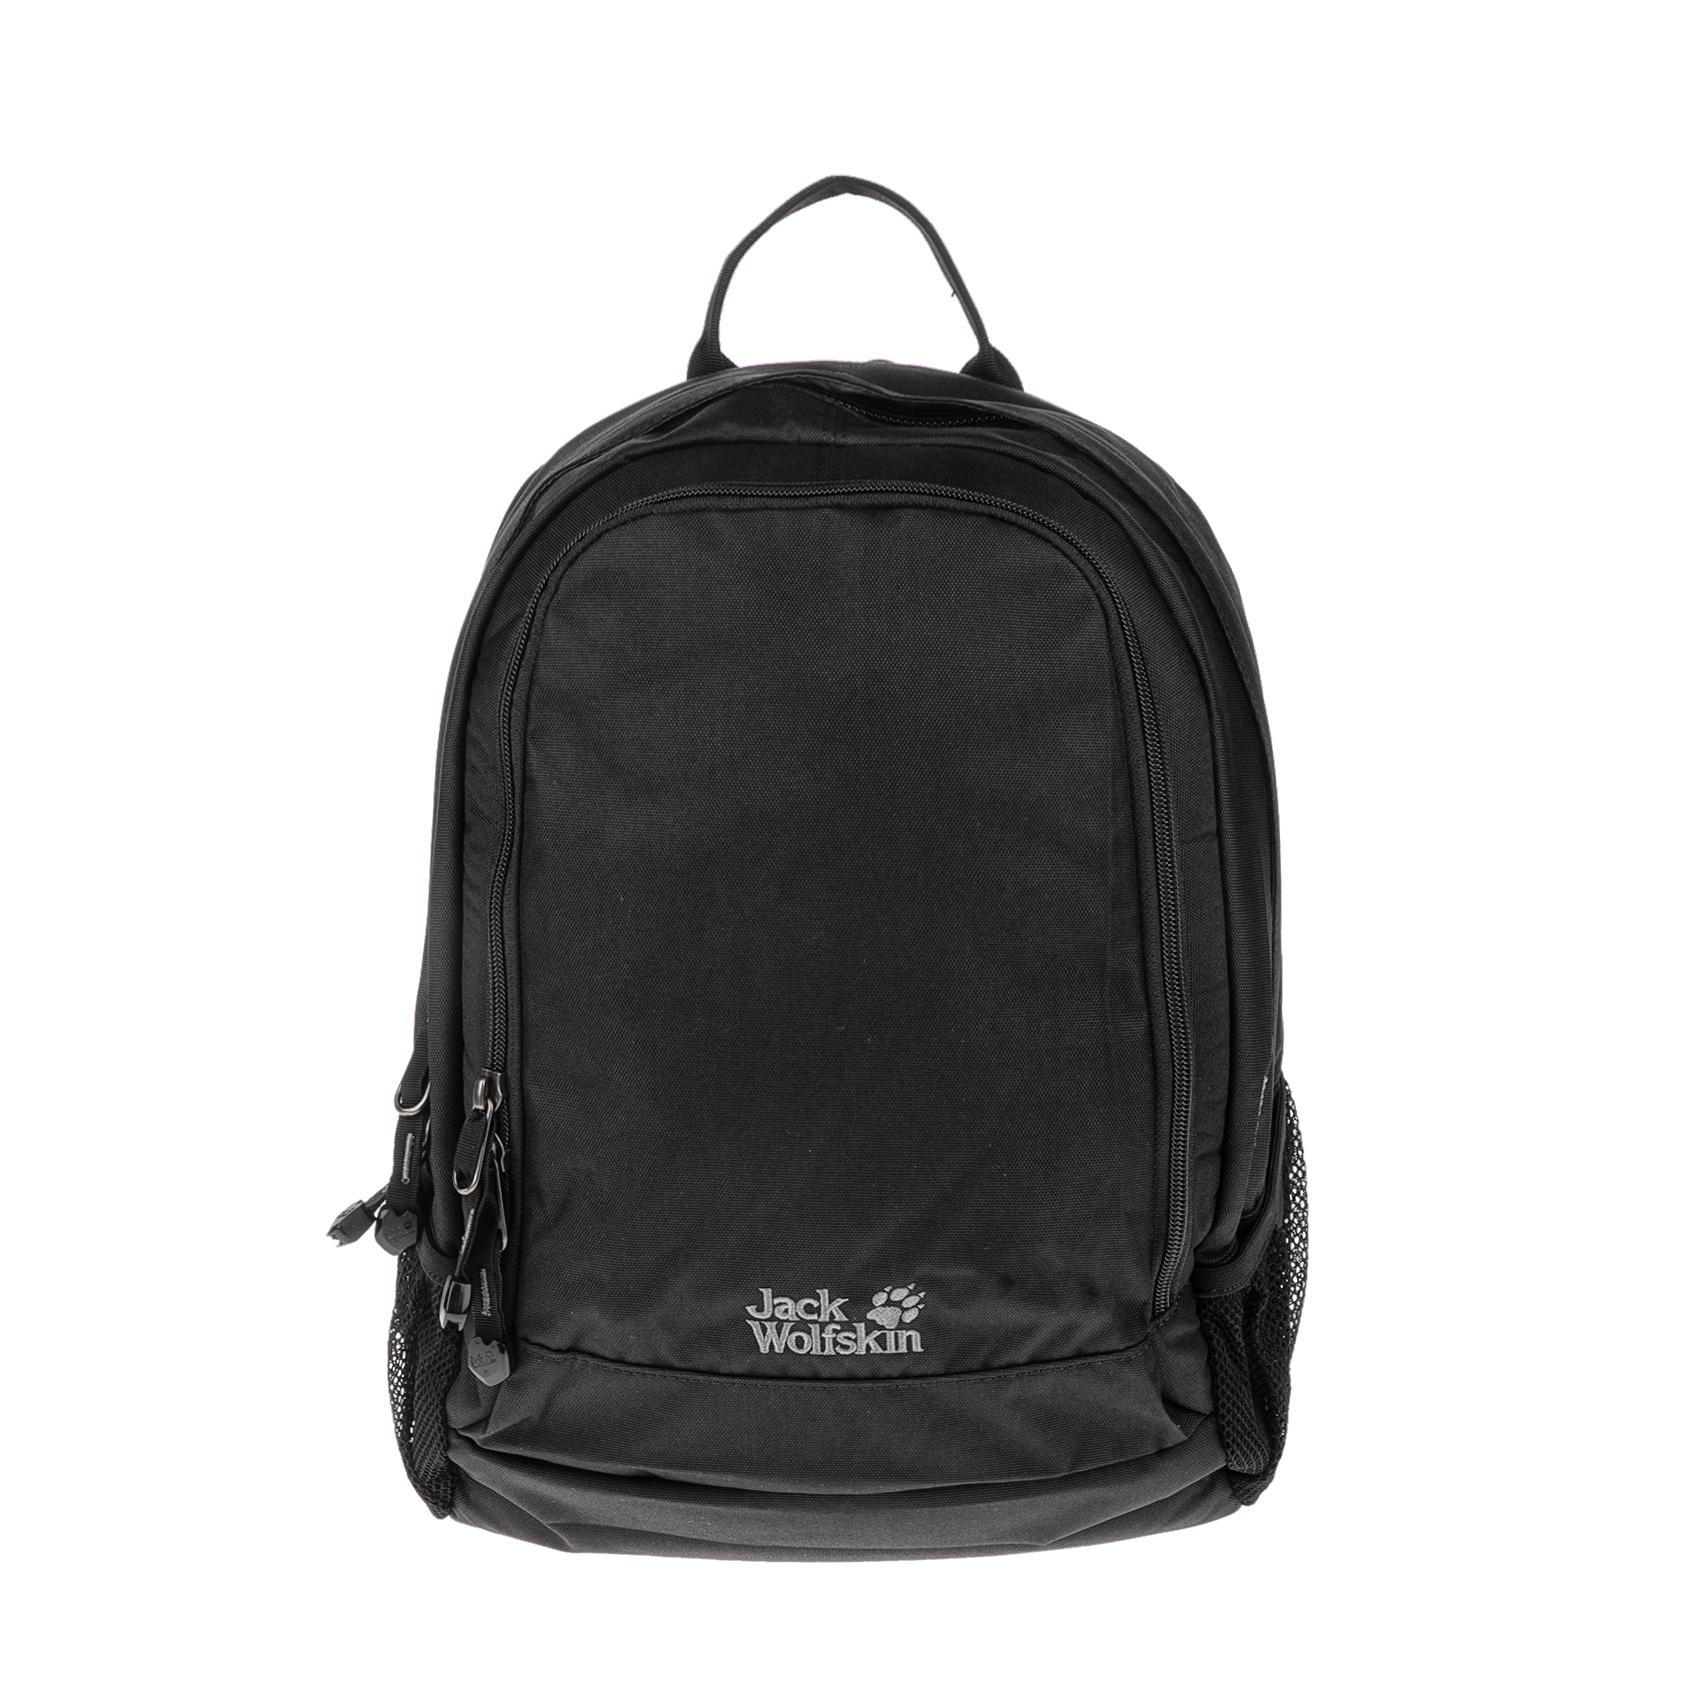 JACK WOLFSKIN – Τσάντα πλάτης PERFECT DAY DAYPACK EQUIPMENT JACK WOLFSKIN μαύρο